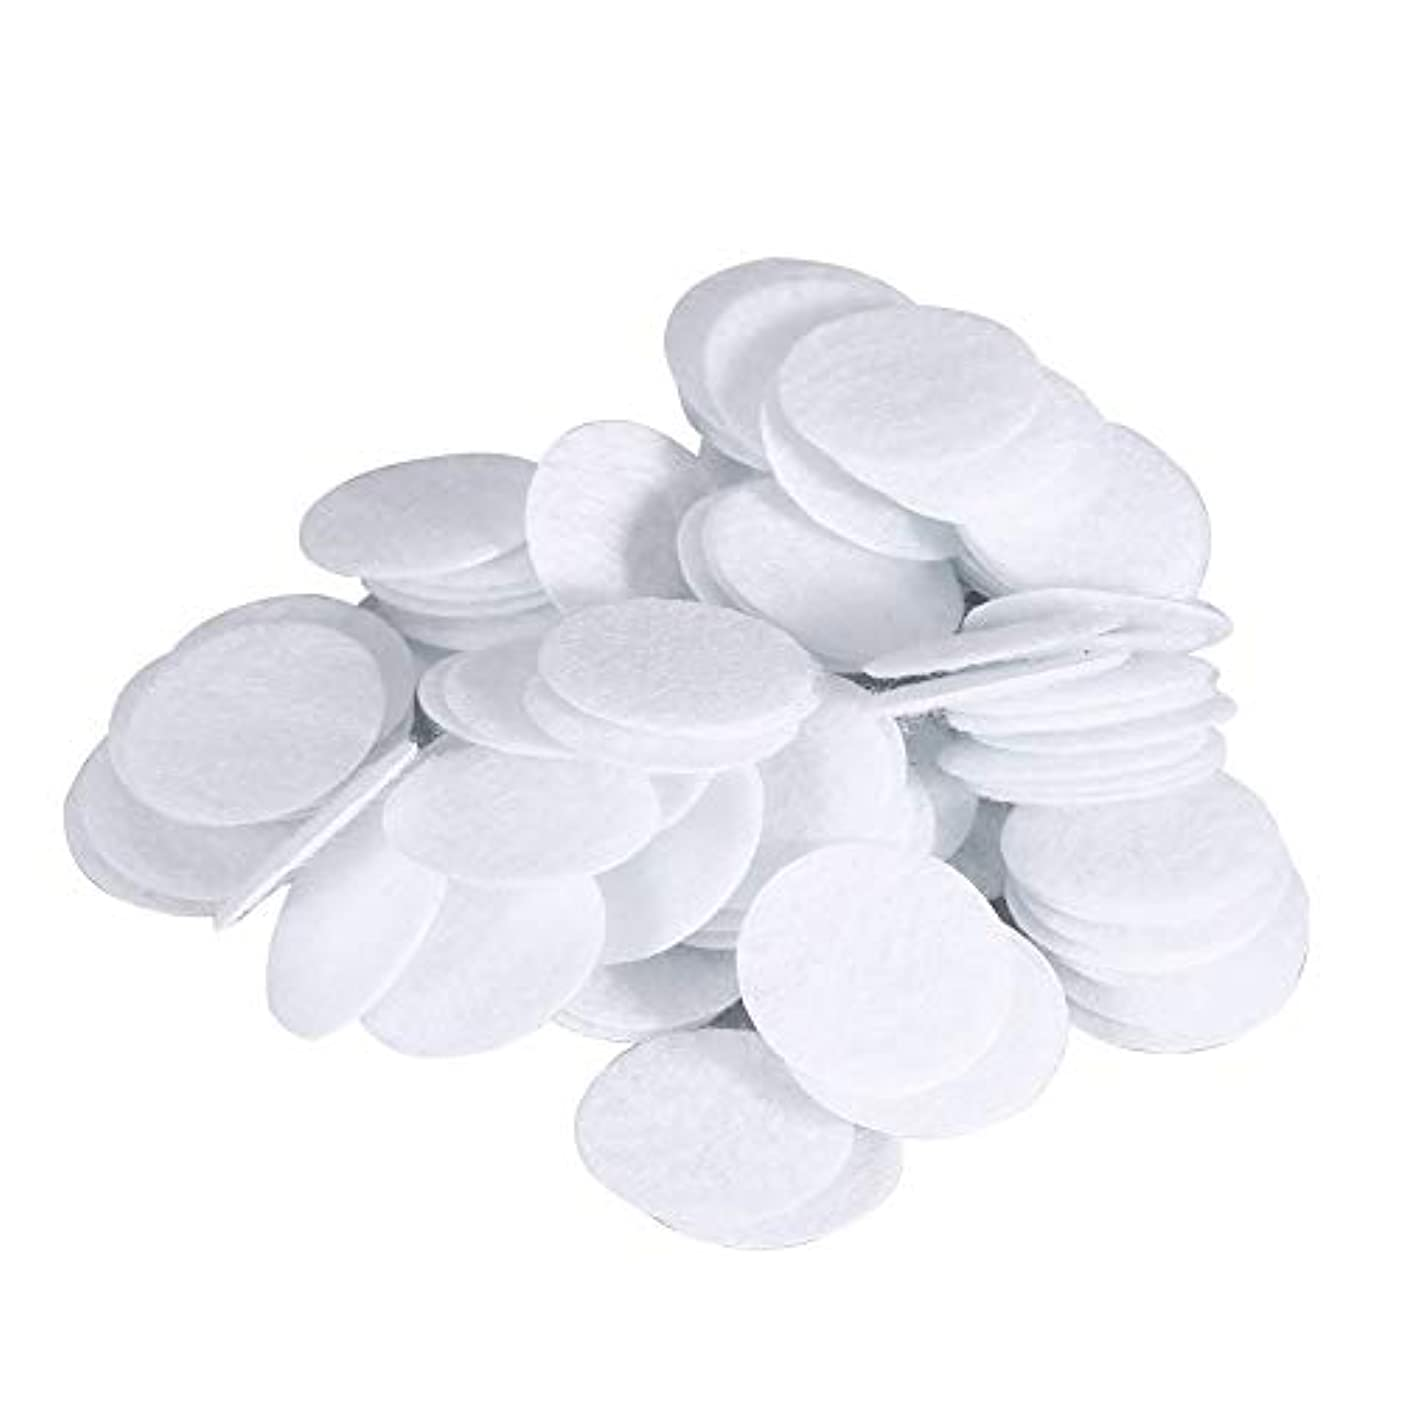 コメンテーターしつけ処理綿フィルターパッド にきび除去美容機用 100個 コットン 20mm